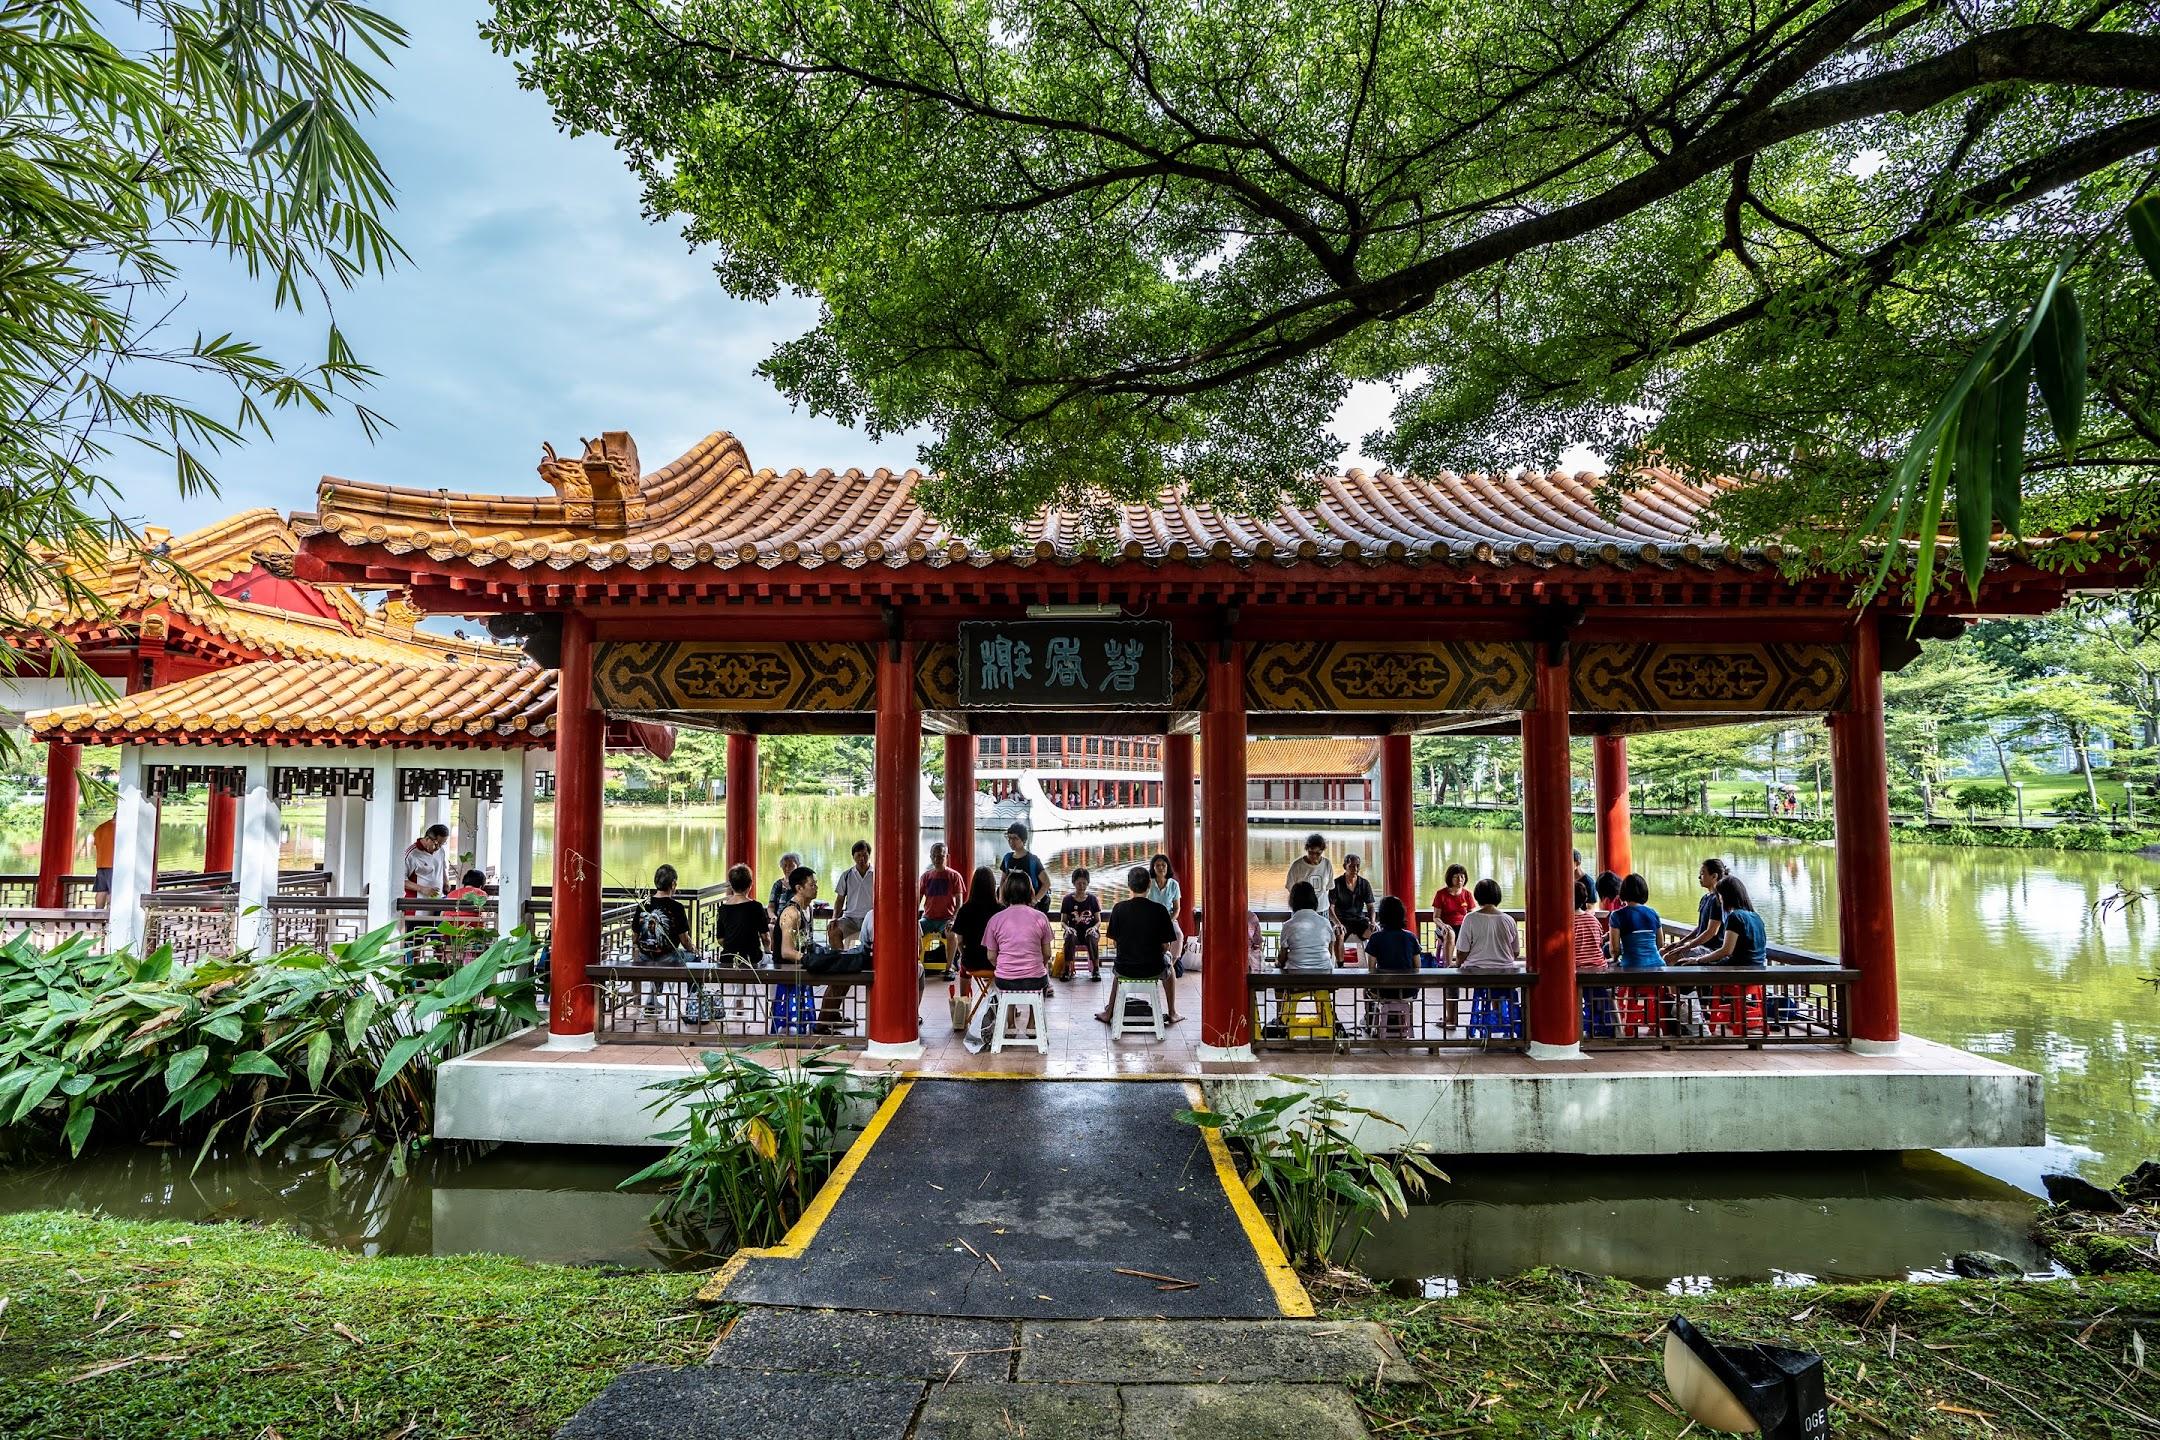 シンガポール チャイニーズ・ガーデン (Chinese Garden) 3